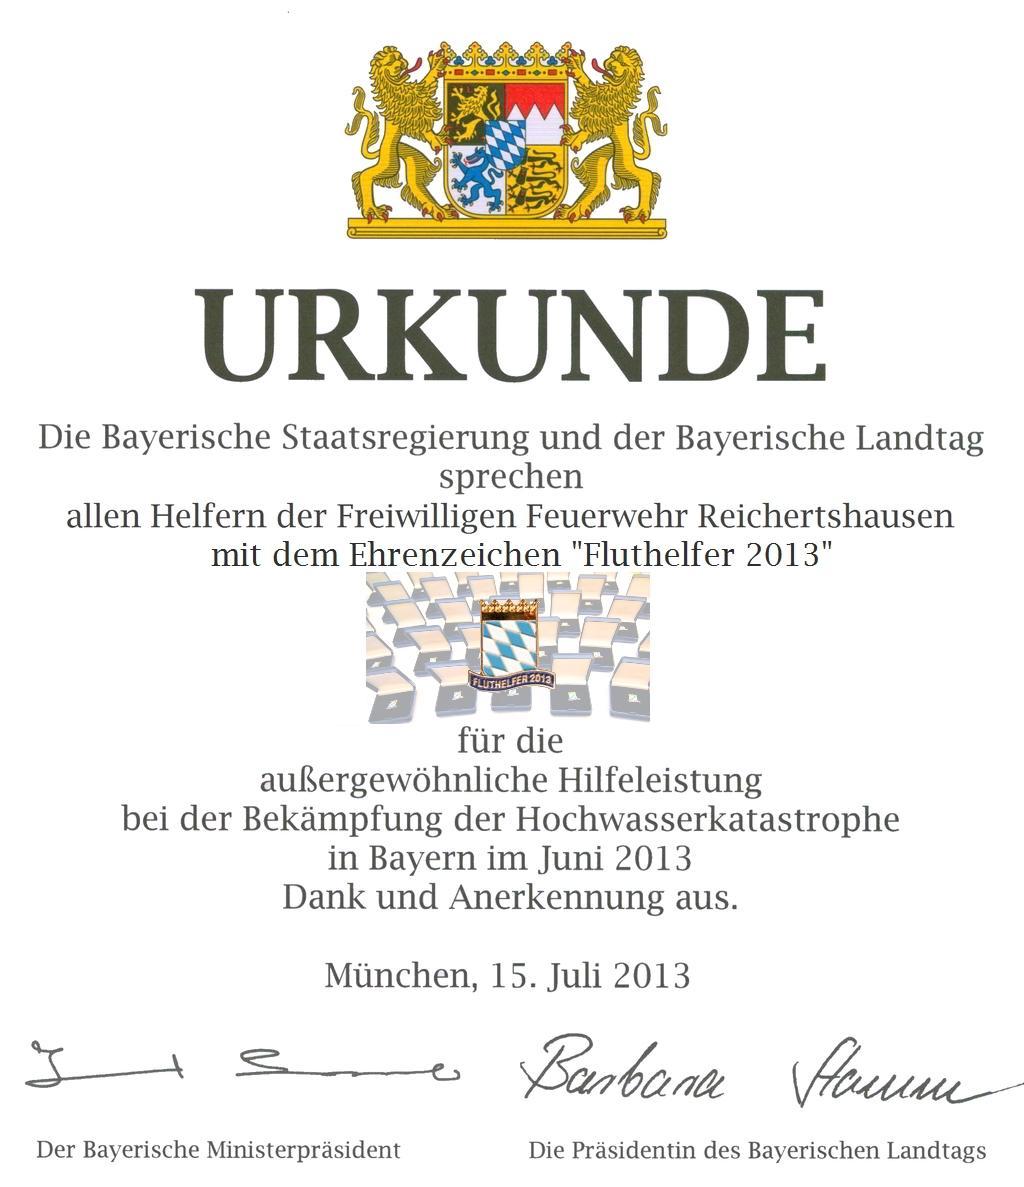 Urkunde Anerkennung und Dank